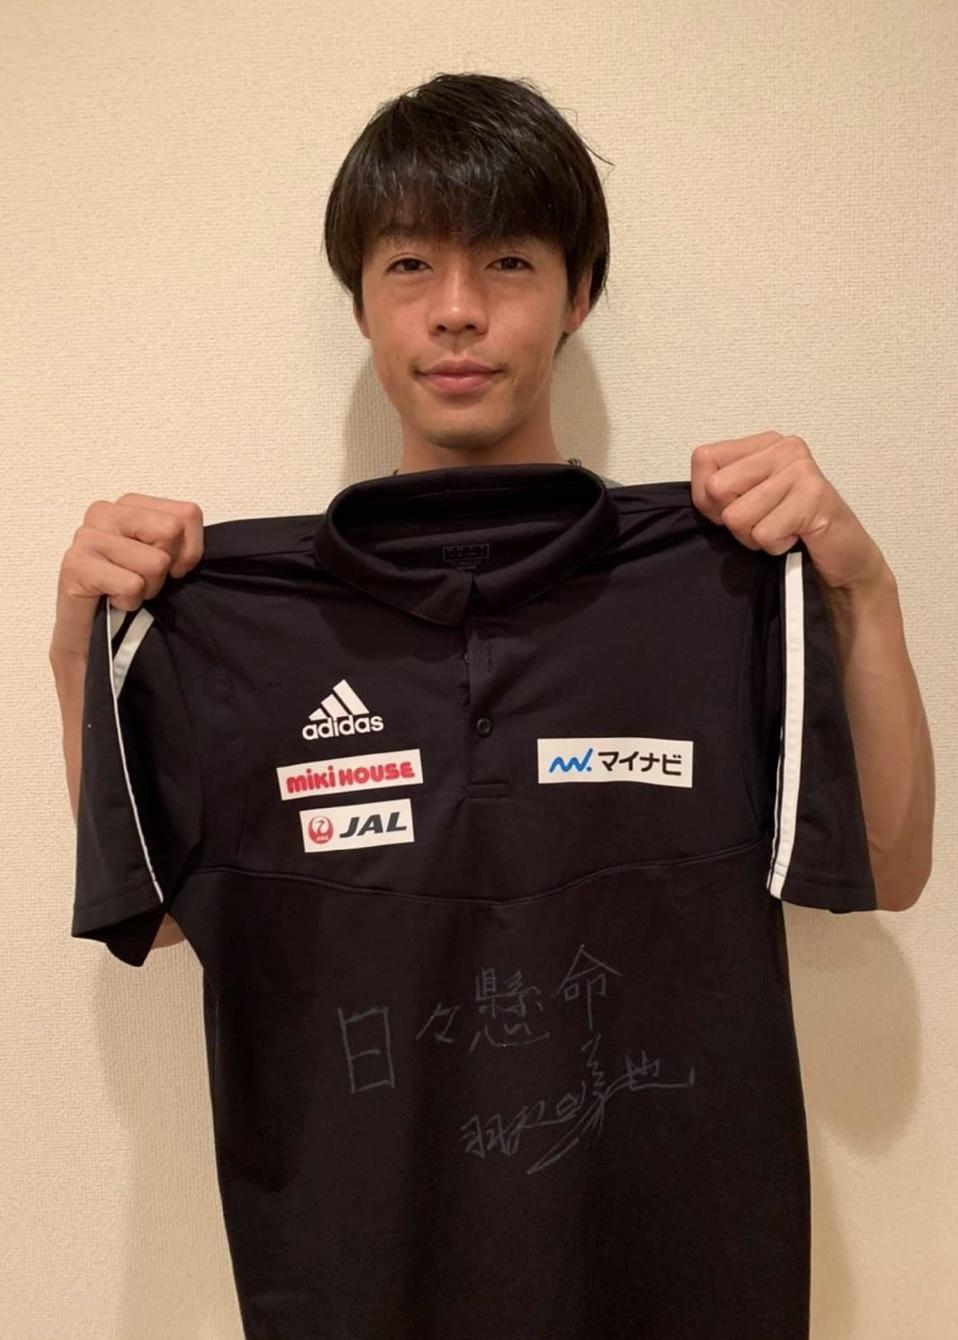 【公式】実使用・本人直筆サイン入「トレーニングシャツ」羽根田 卓也